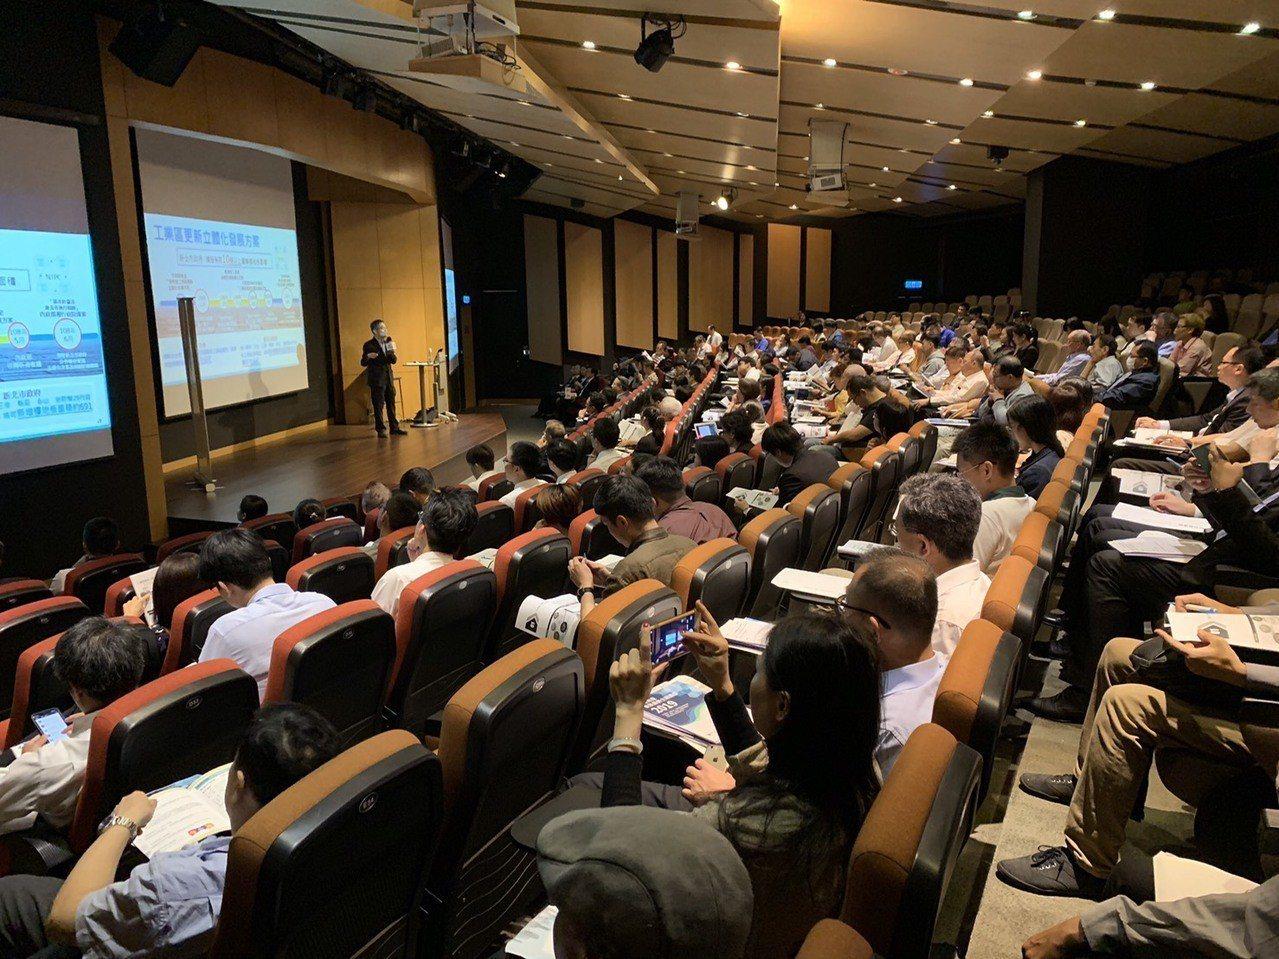 「舊廠房•新進化」主題講座13日圓滿落幕。圖╱信義全球資產提供